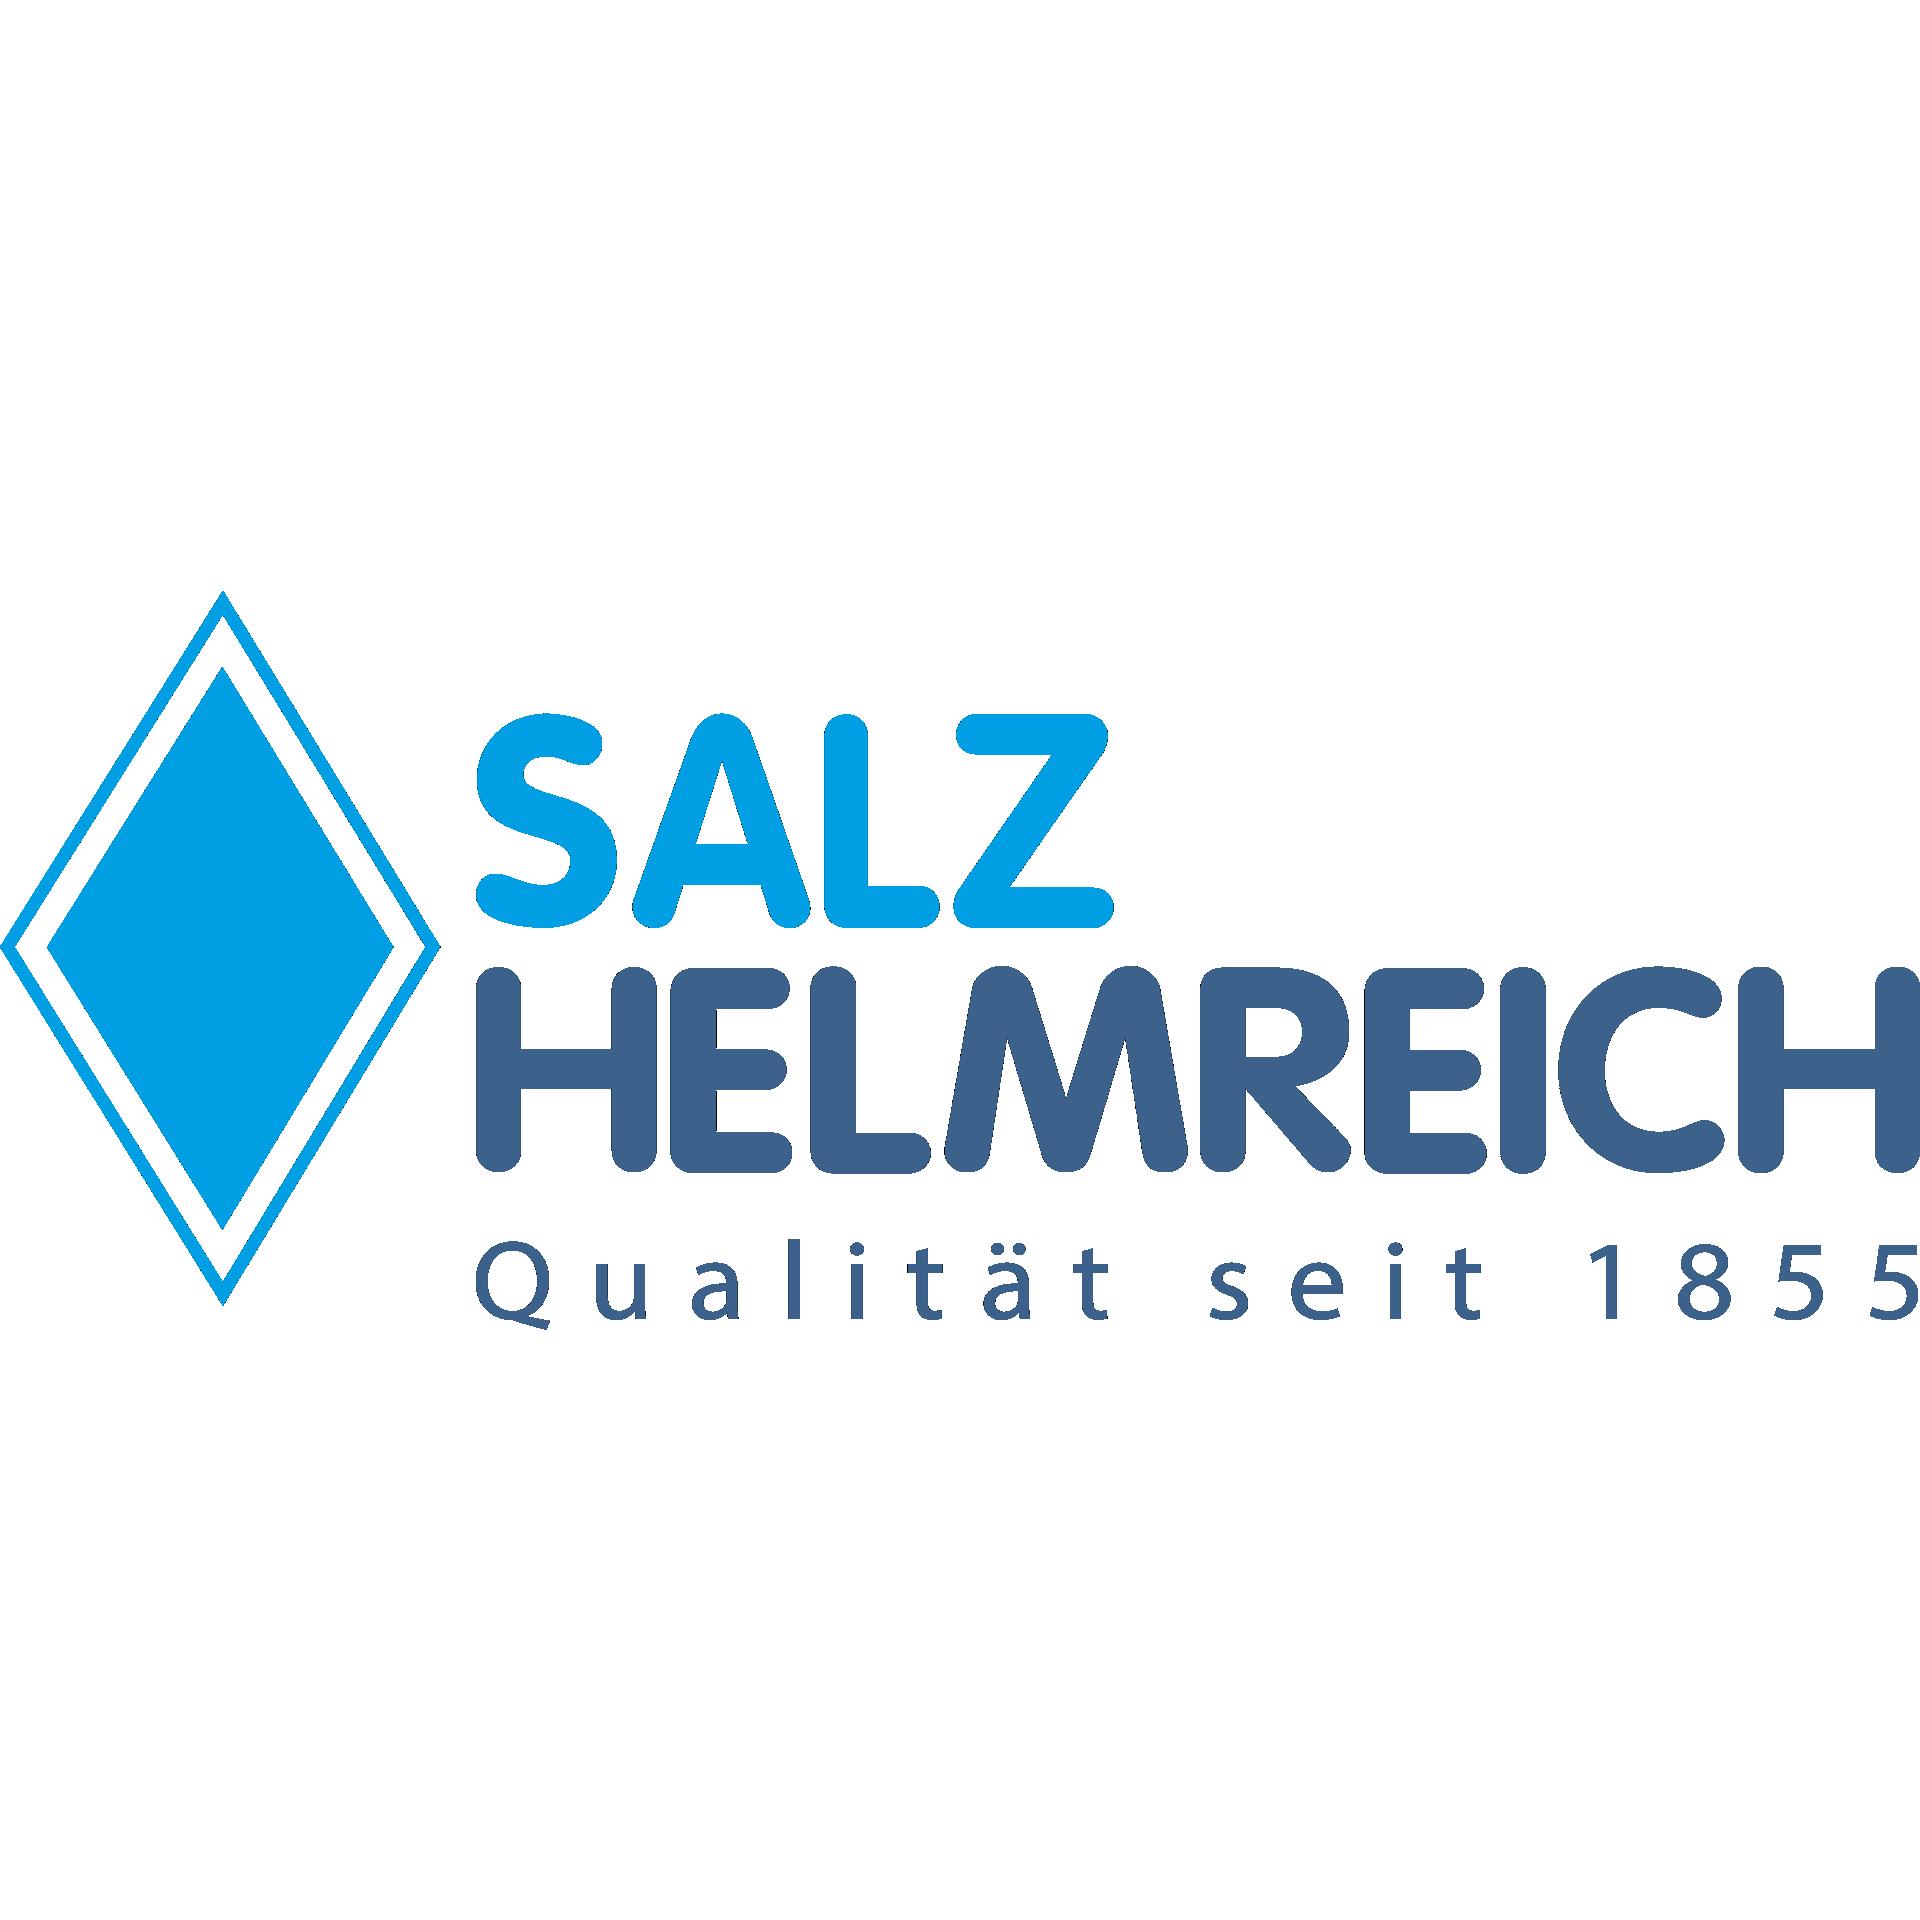 Stein-Gewerbesalz 0,4-1,4 mm im 25 kg Sack